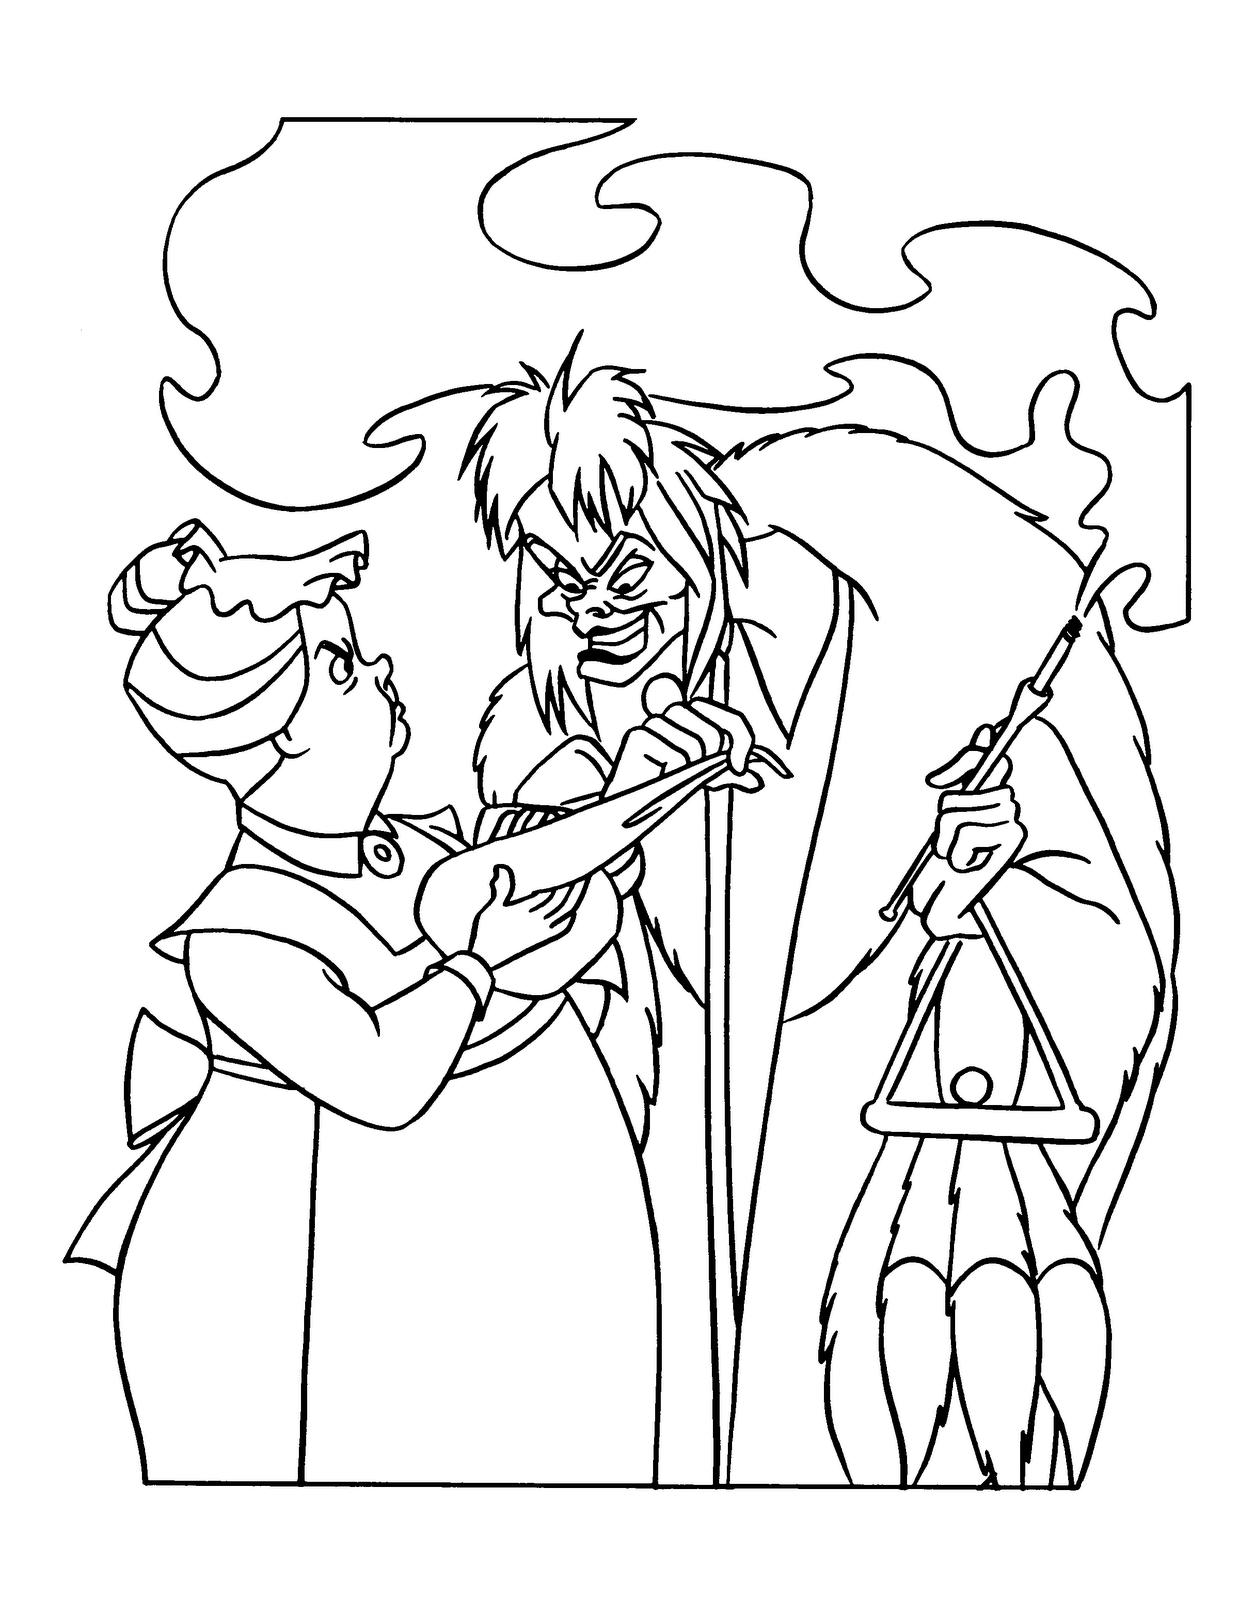 Cruella Deville Coloring Page - Democraciaejustica